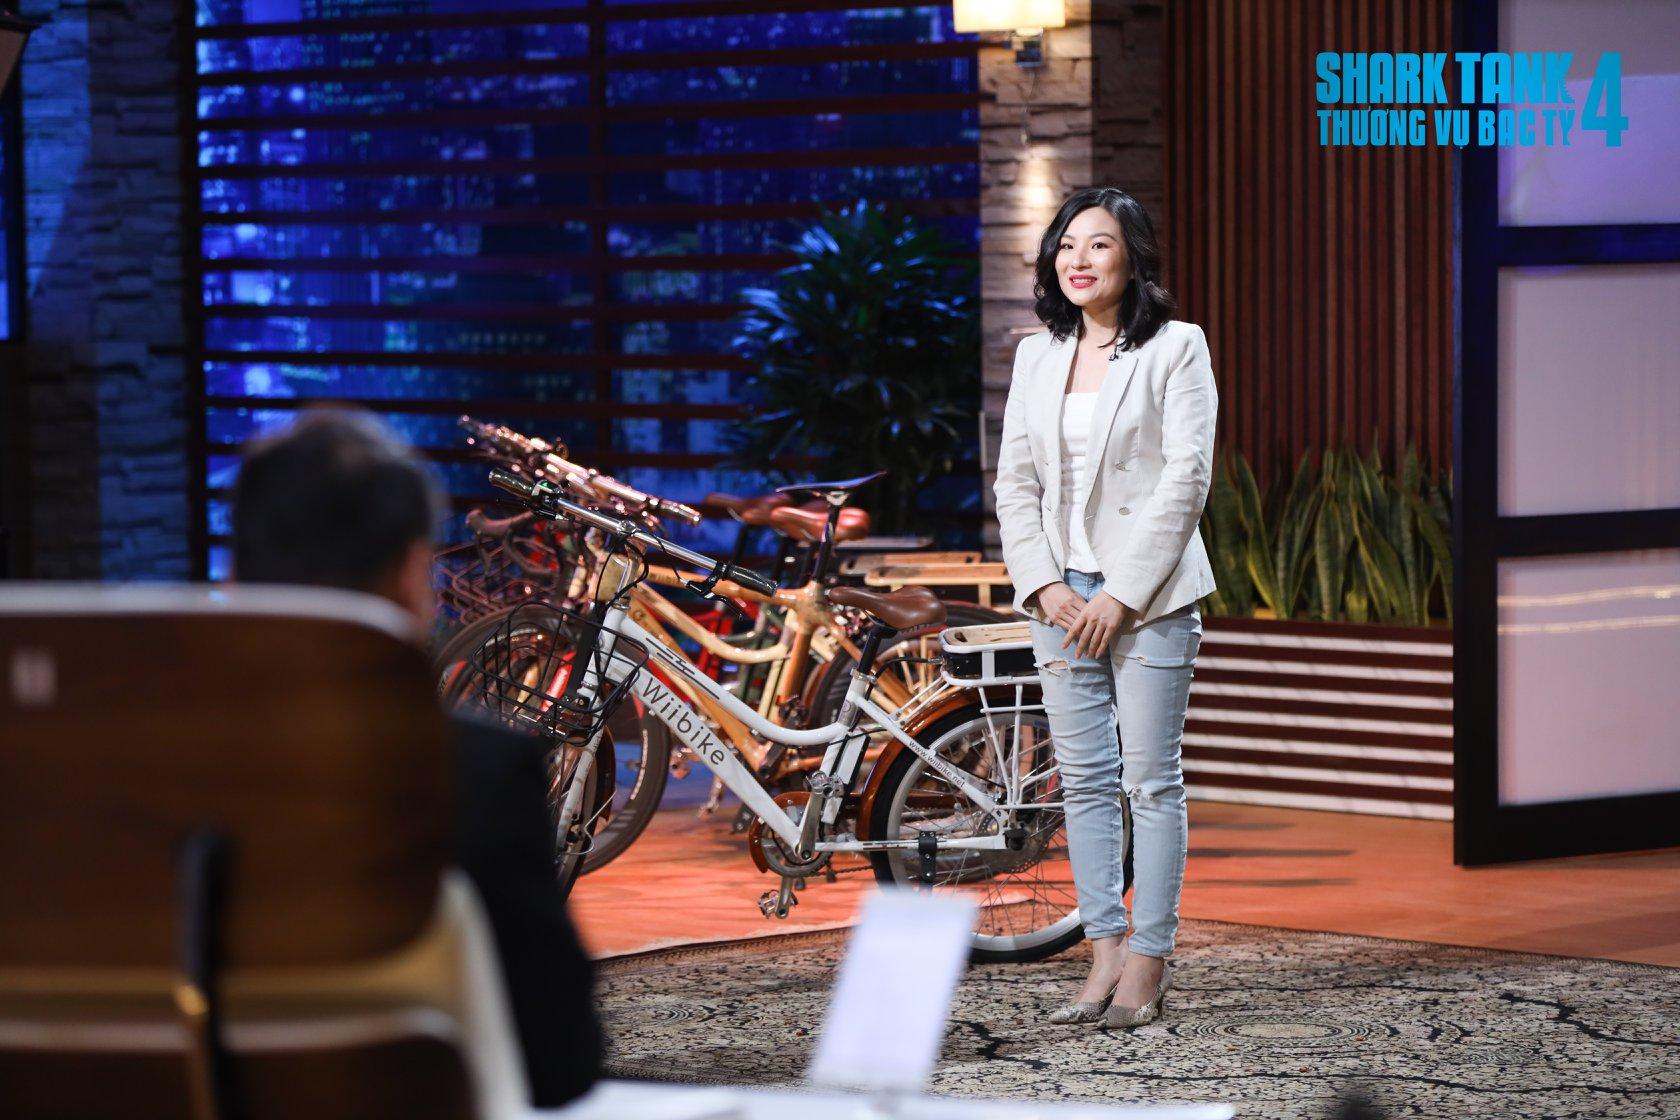 shark-binh-tiep-tuc-chan-chinh-startup-ngao-dinh-gia-cong-ty-150-ty-dong-khi-moi-ban-300-xe-dap-dien